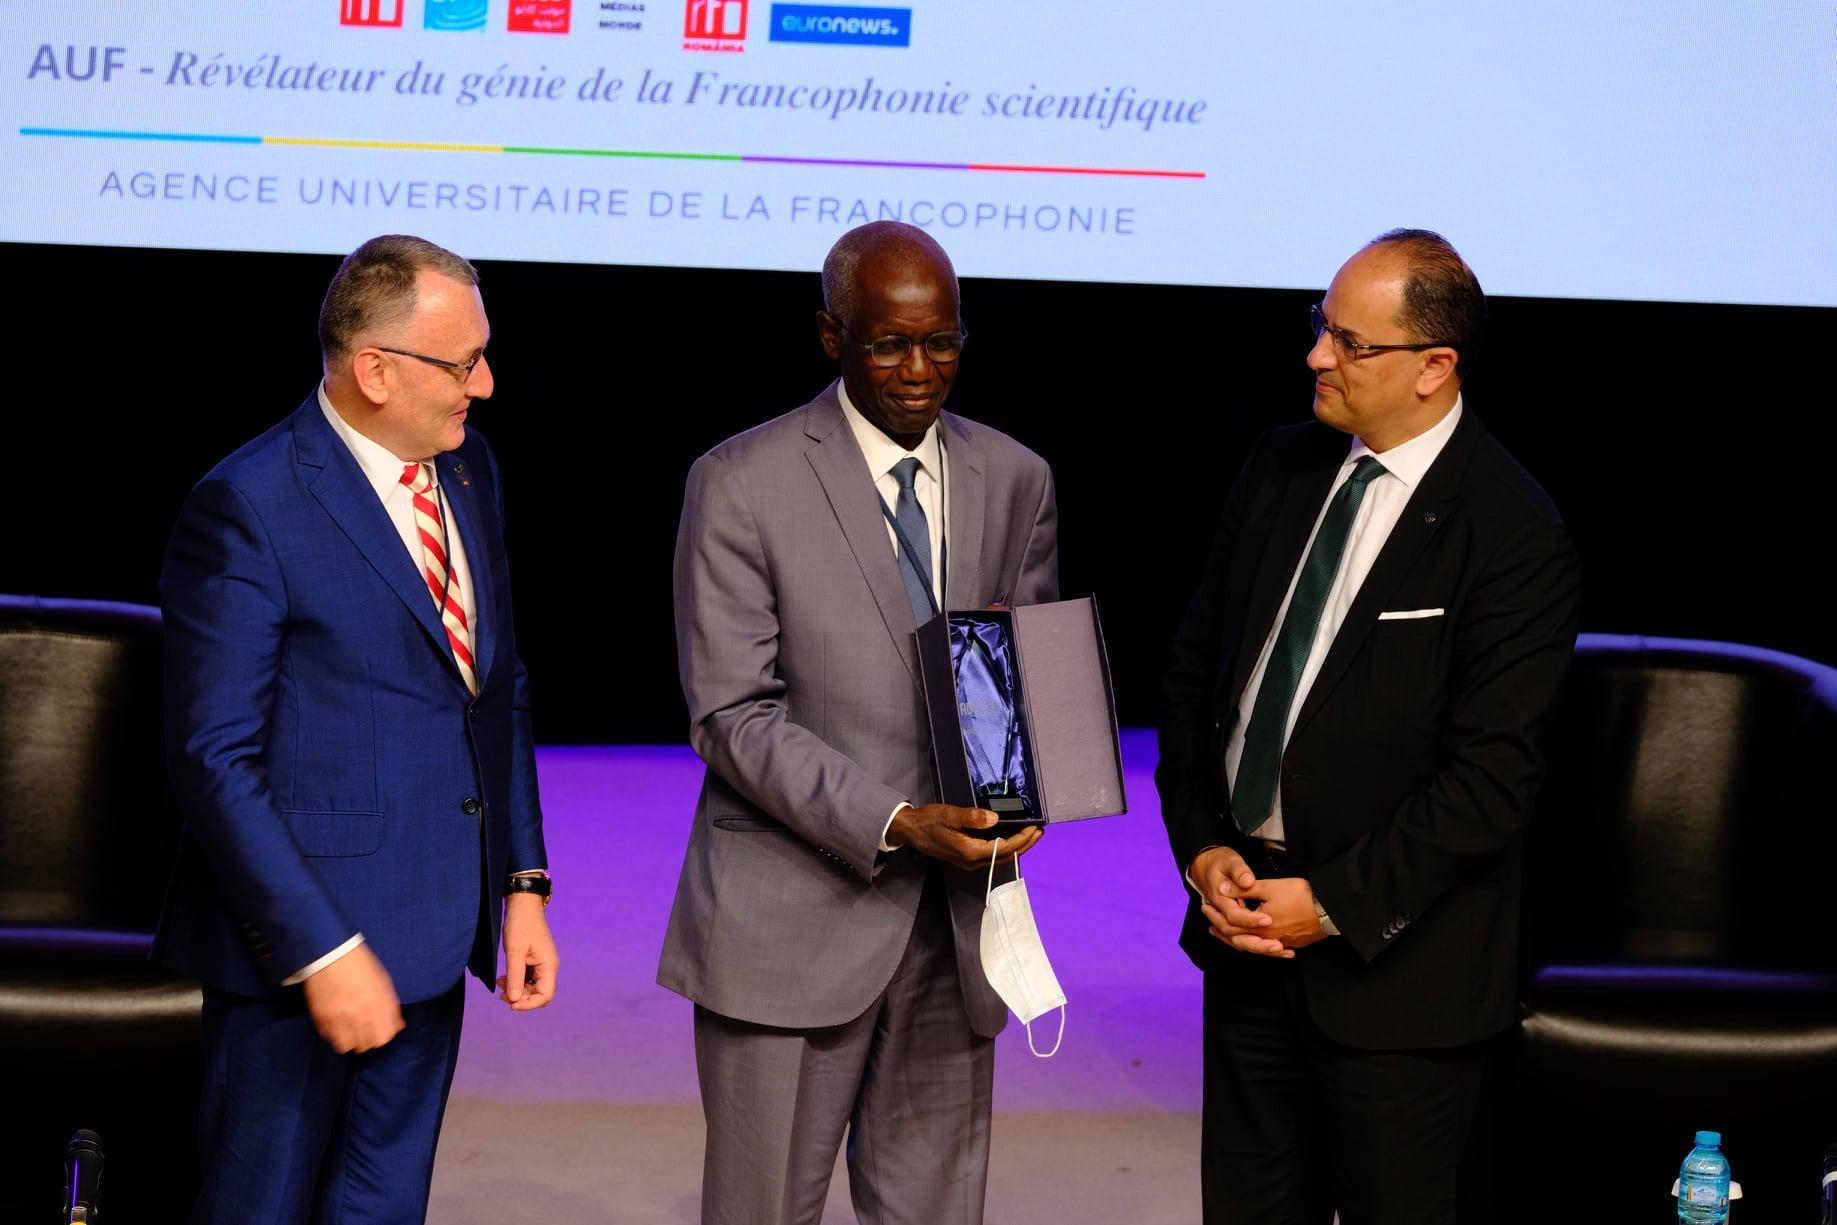 De gauche à droite : Sorin Cimpeanu, Président de l'AUF - Ibrahima Thioub, Lauréat du Pirx El Fassi 2021 - Slim Khalbous, Recteur de l'AUF